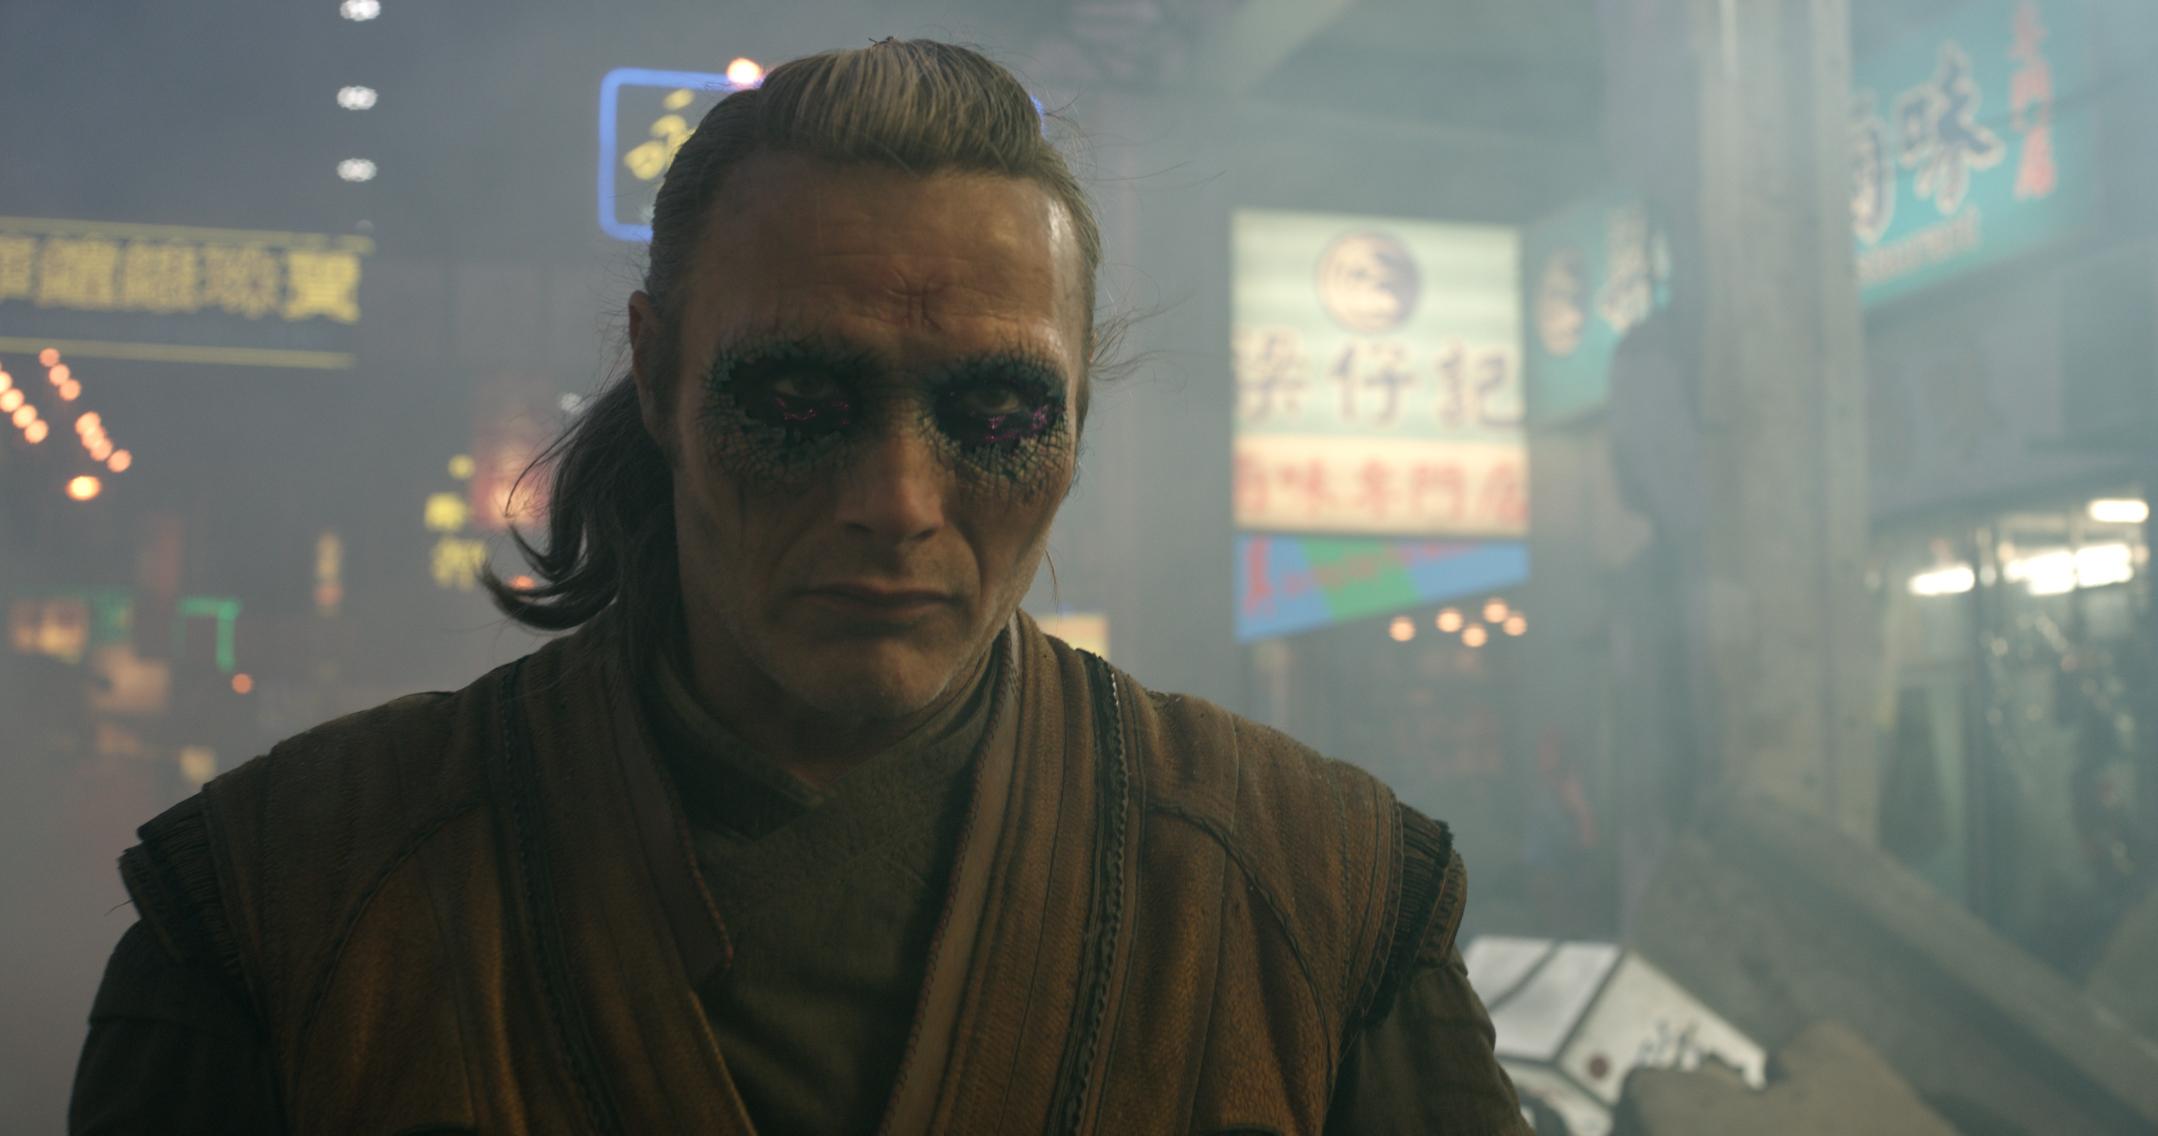 Doctor strange, Mads Mikkelsen, Marvel